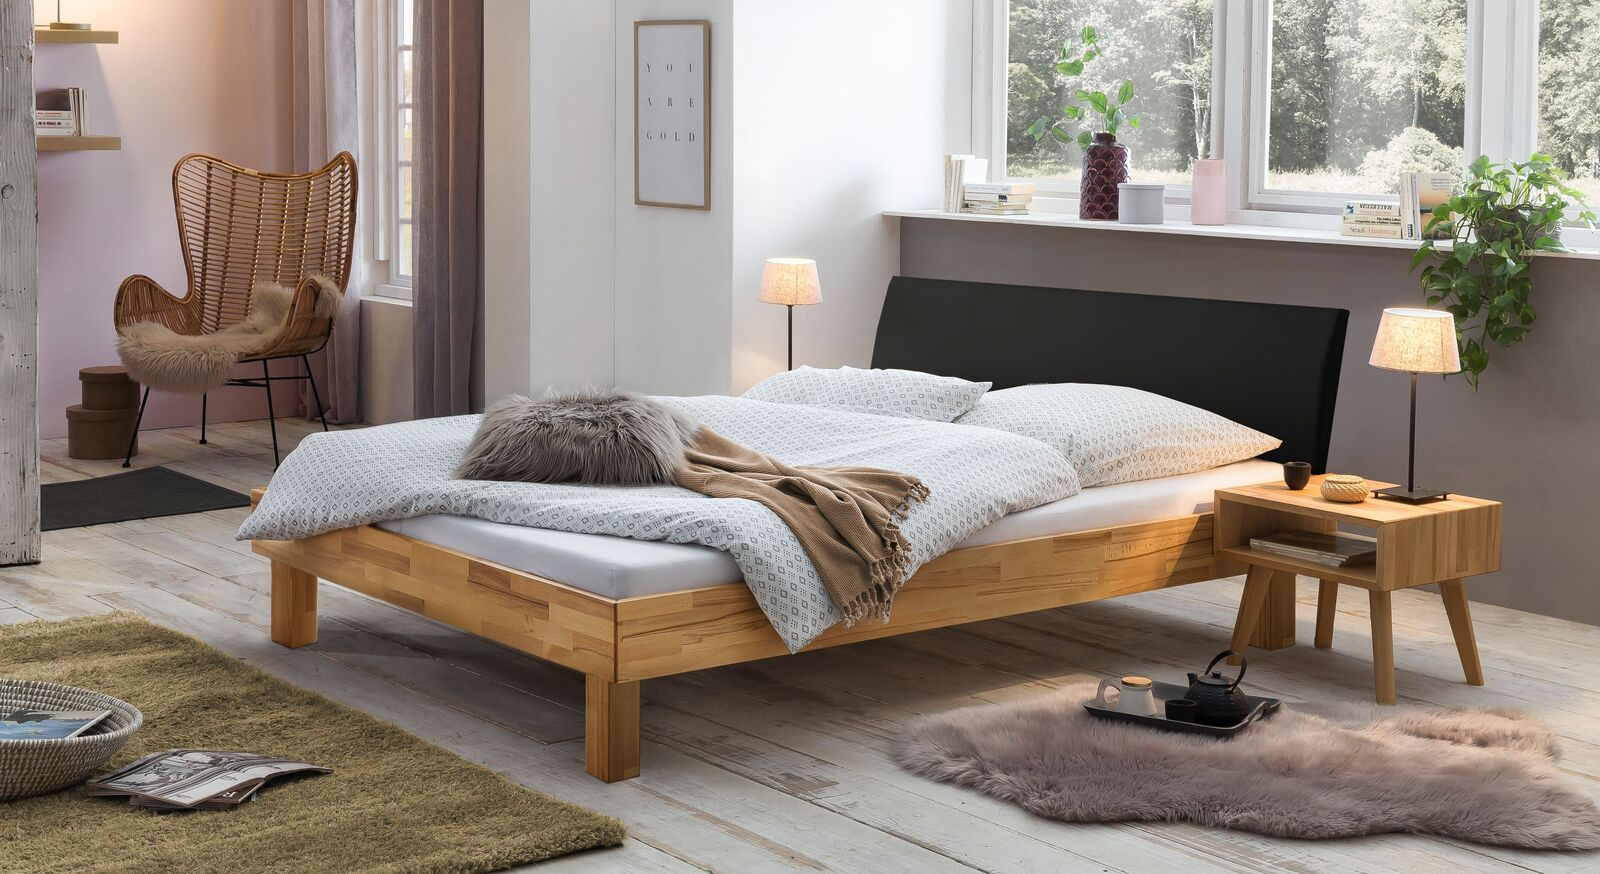 Bett Amsden mit passendem Nachttisch